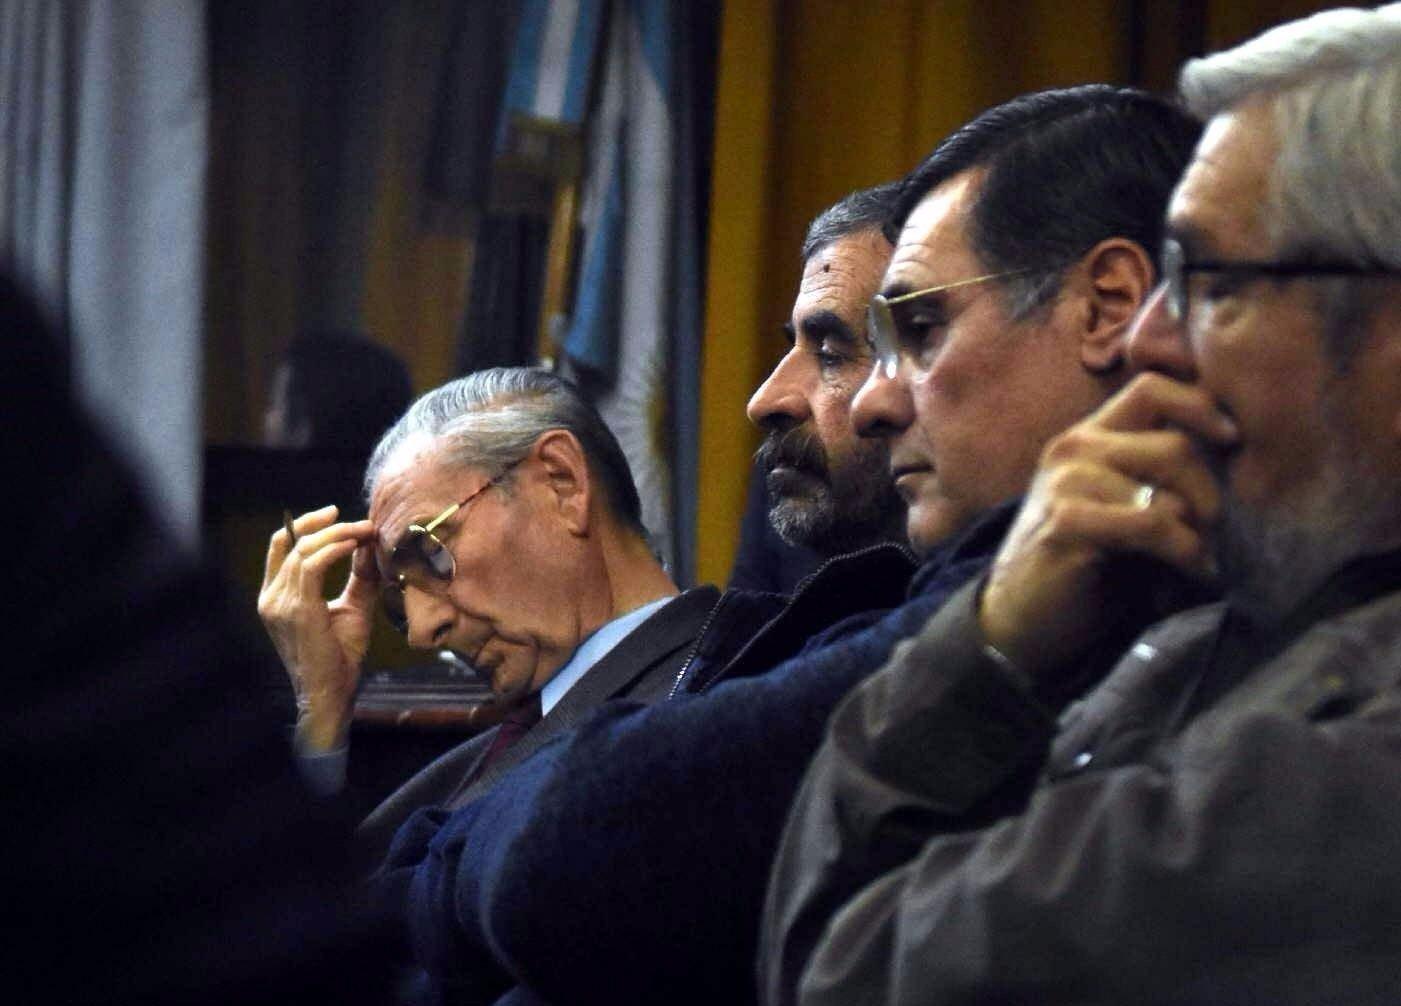 Les llegó la hora a dos ex jueces condenados por delitos de lesa humanidad